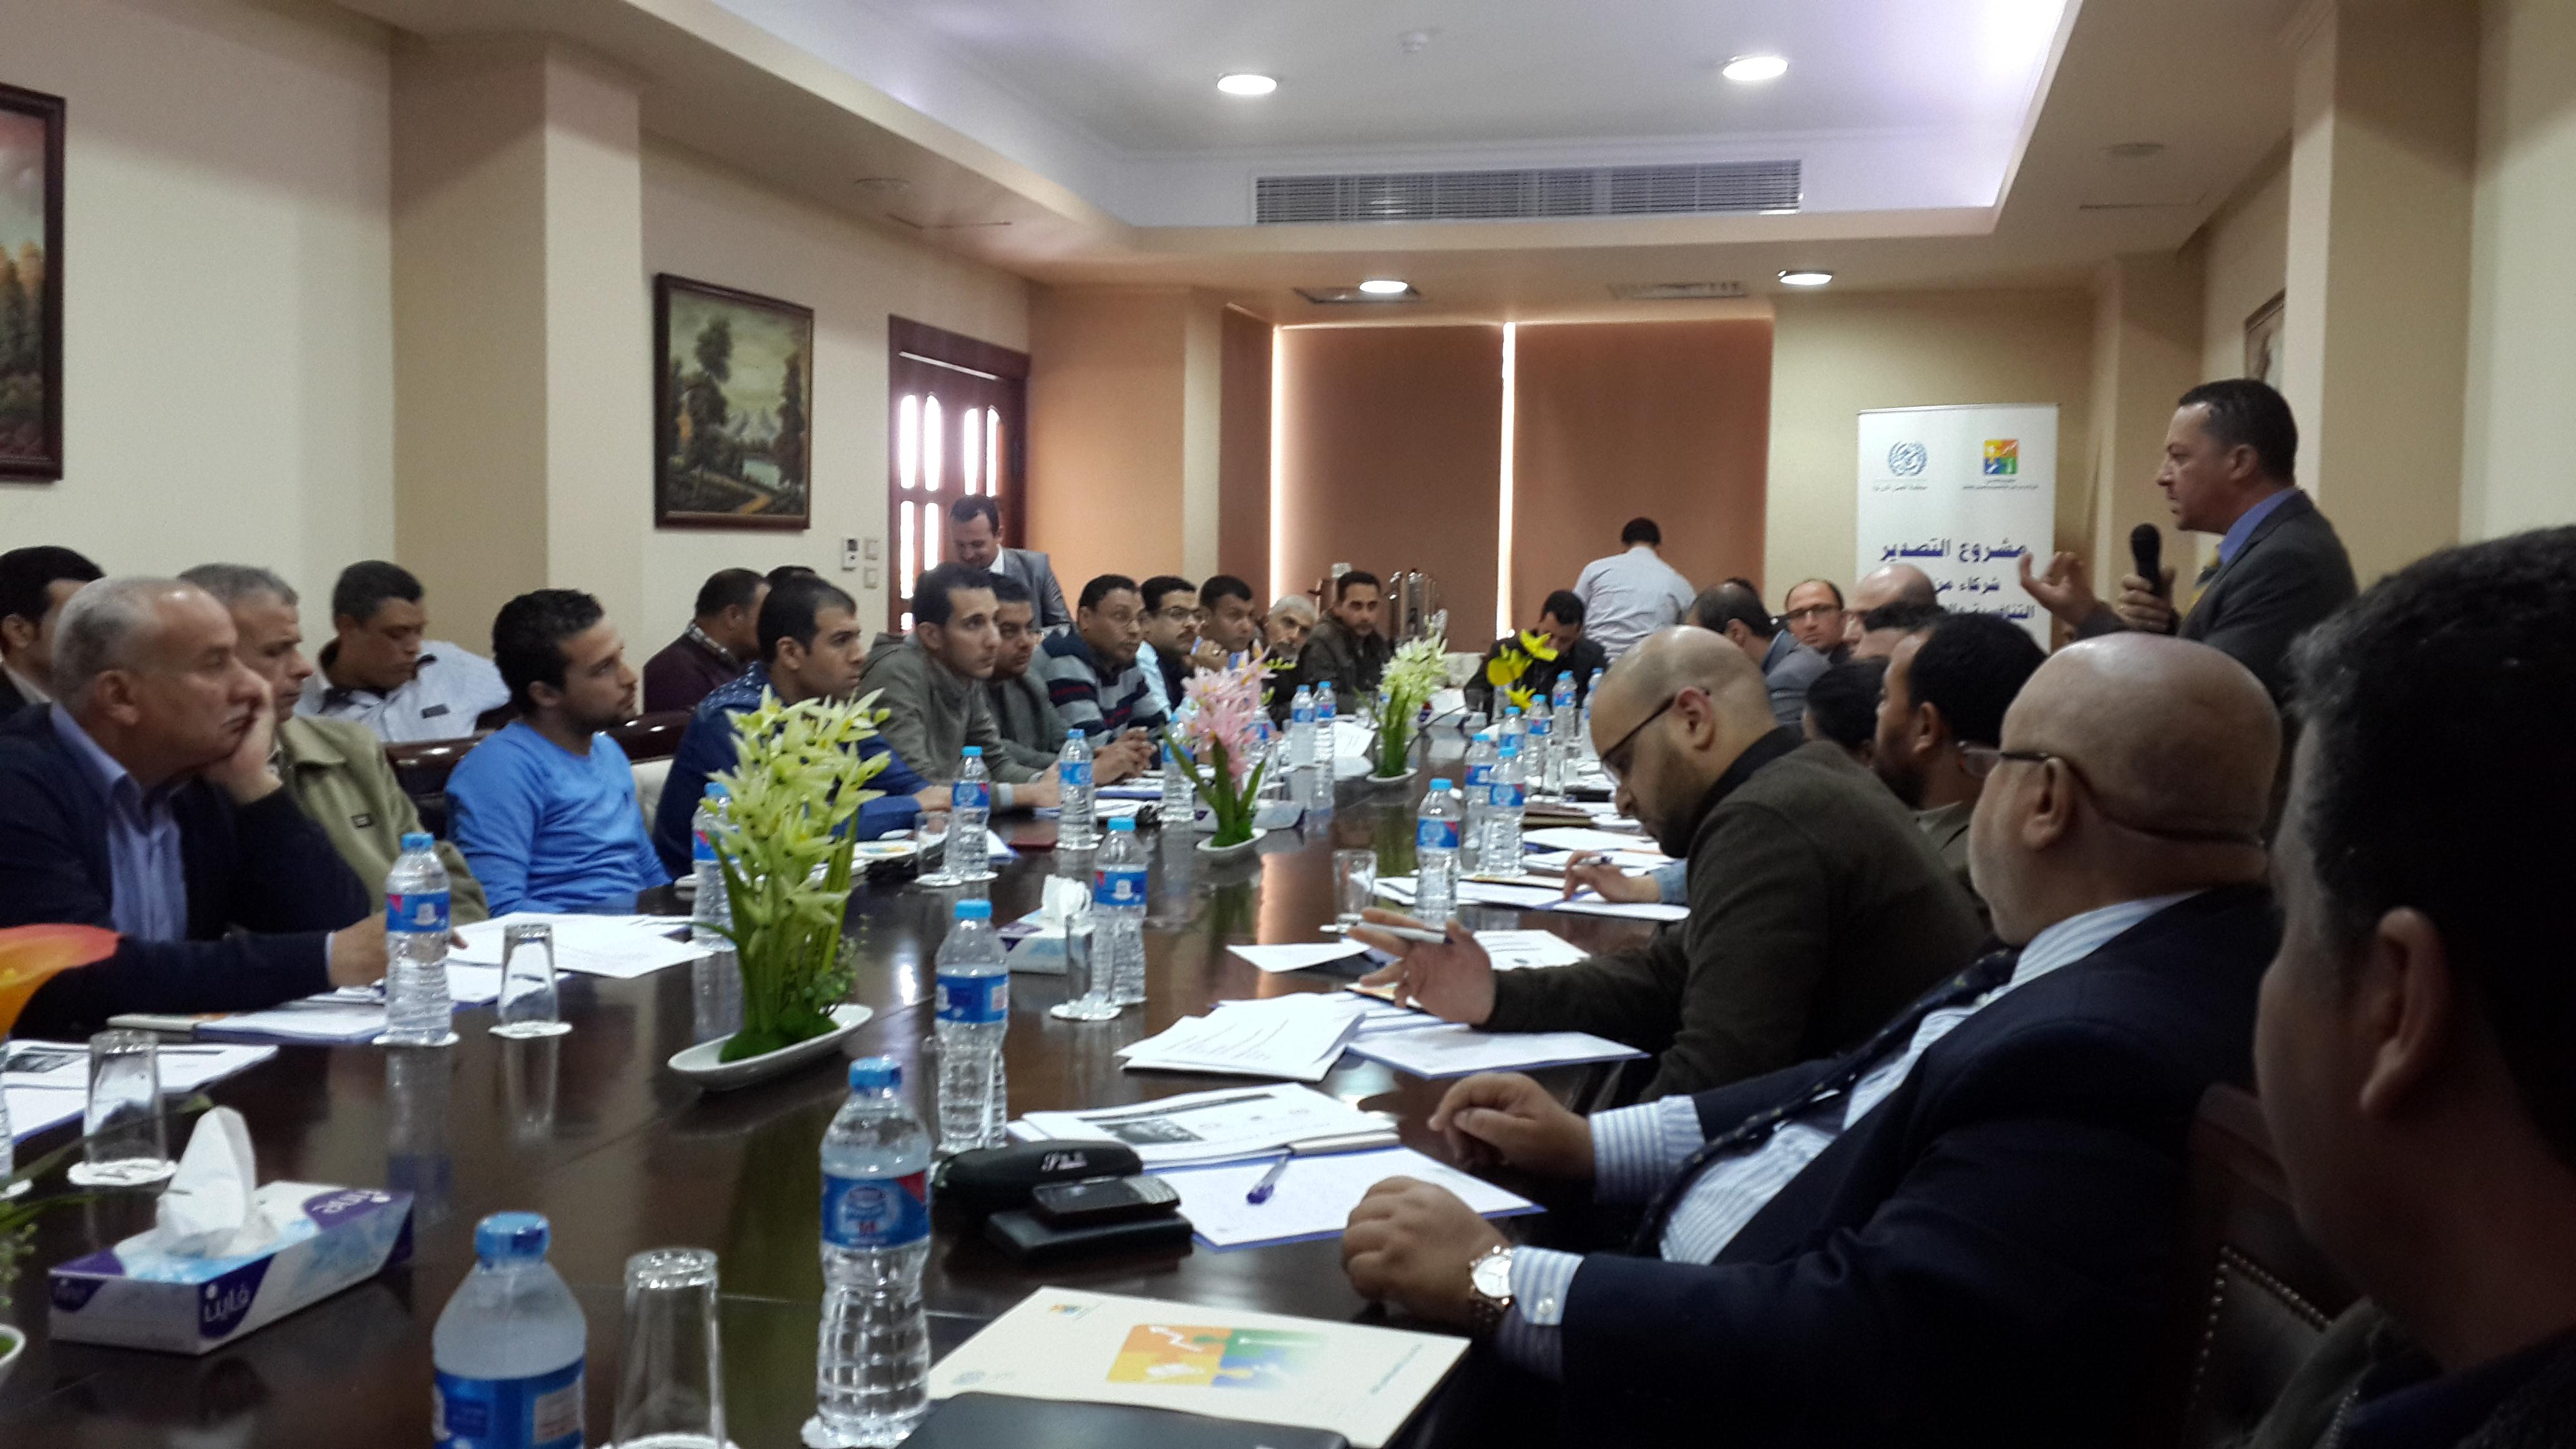 Excellence Center Egypt20160322-20160322_102948 .jpg